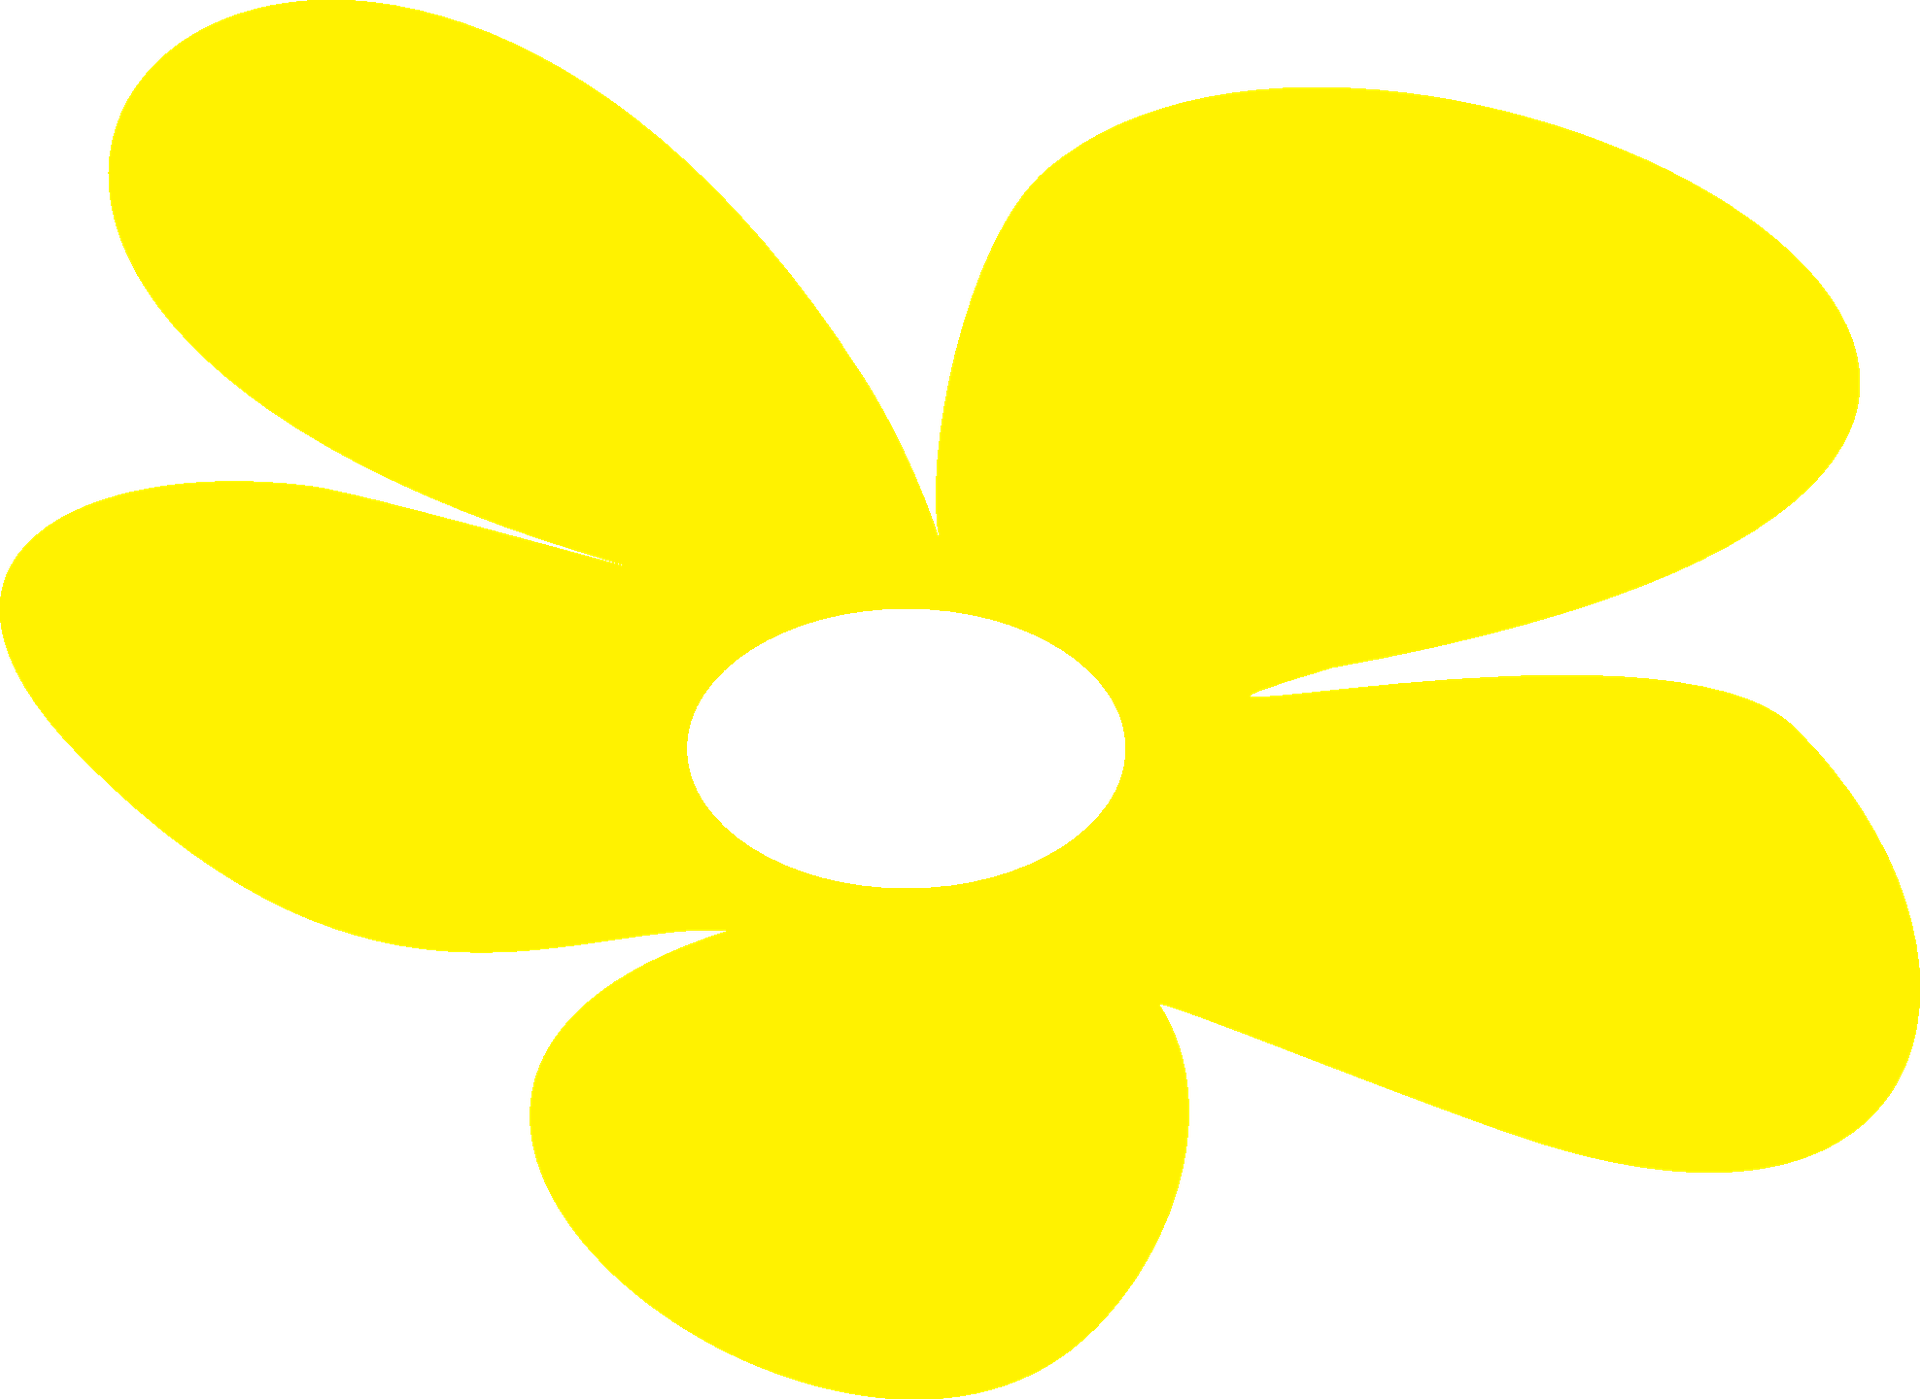 Gartenhilfe Und Gartenpflege In M Nchen Herr Gartenzwerg